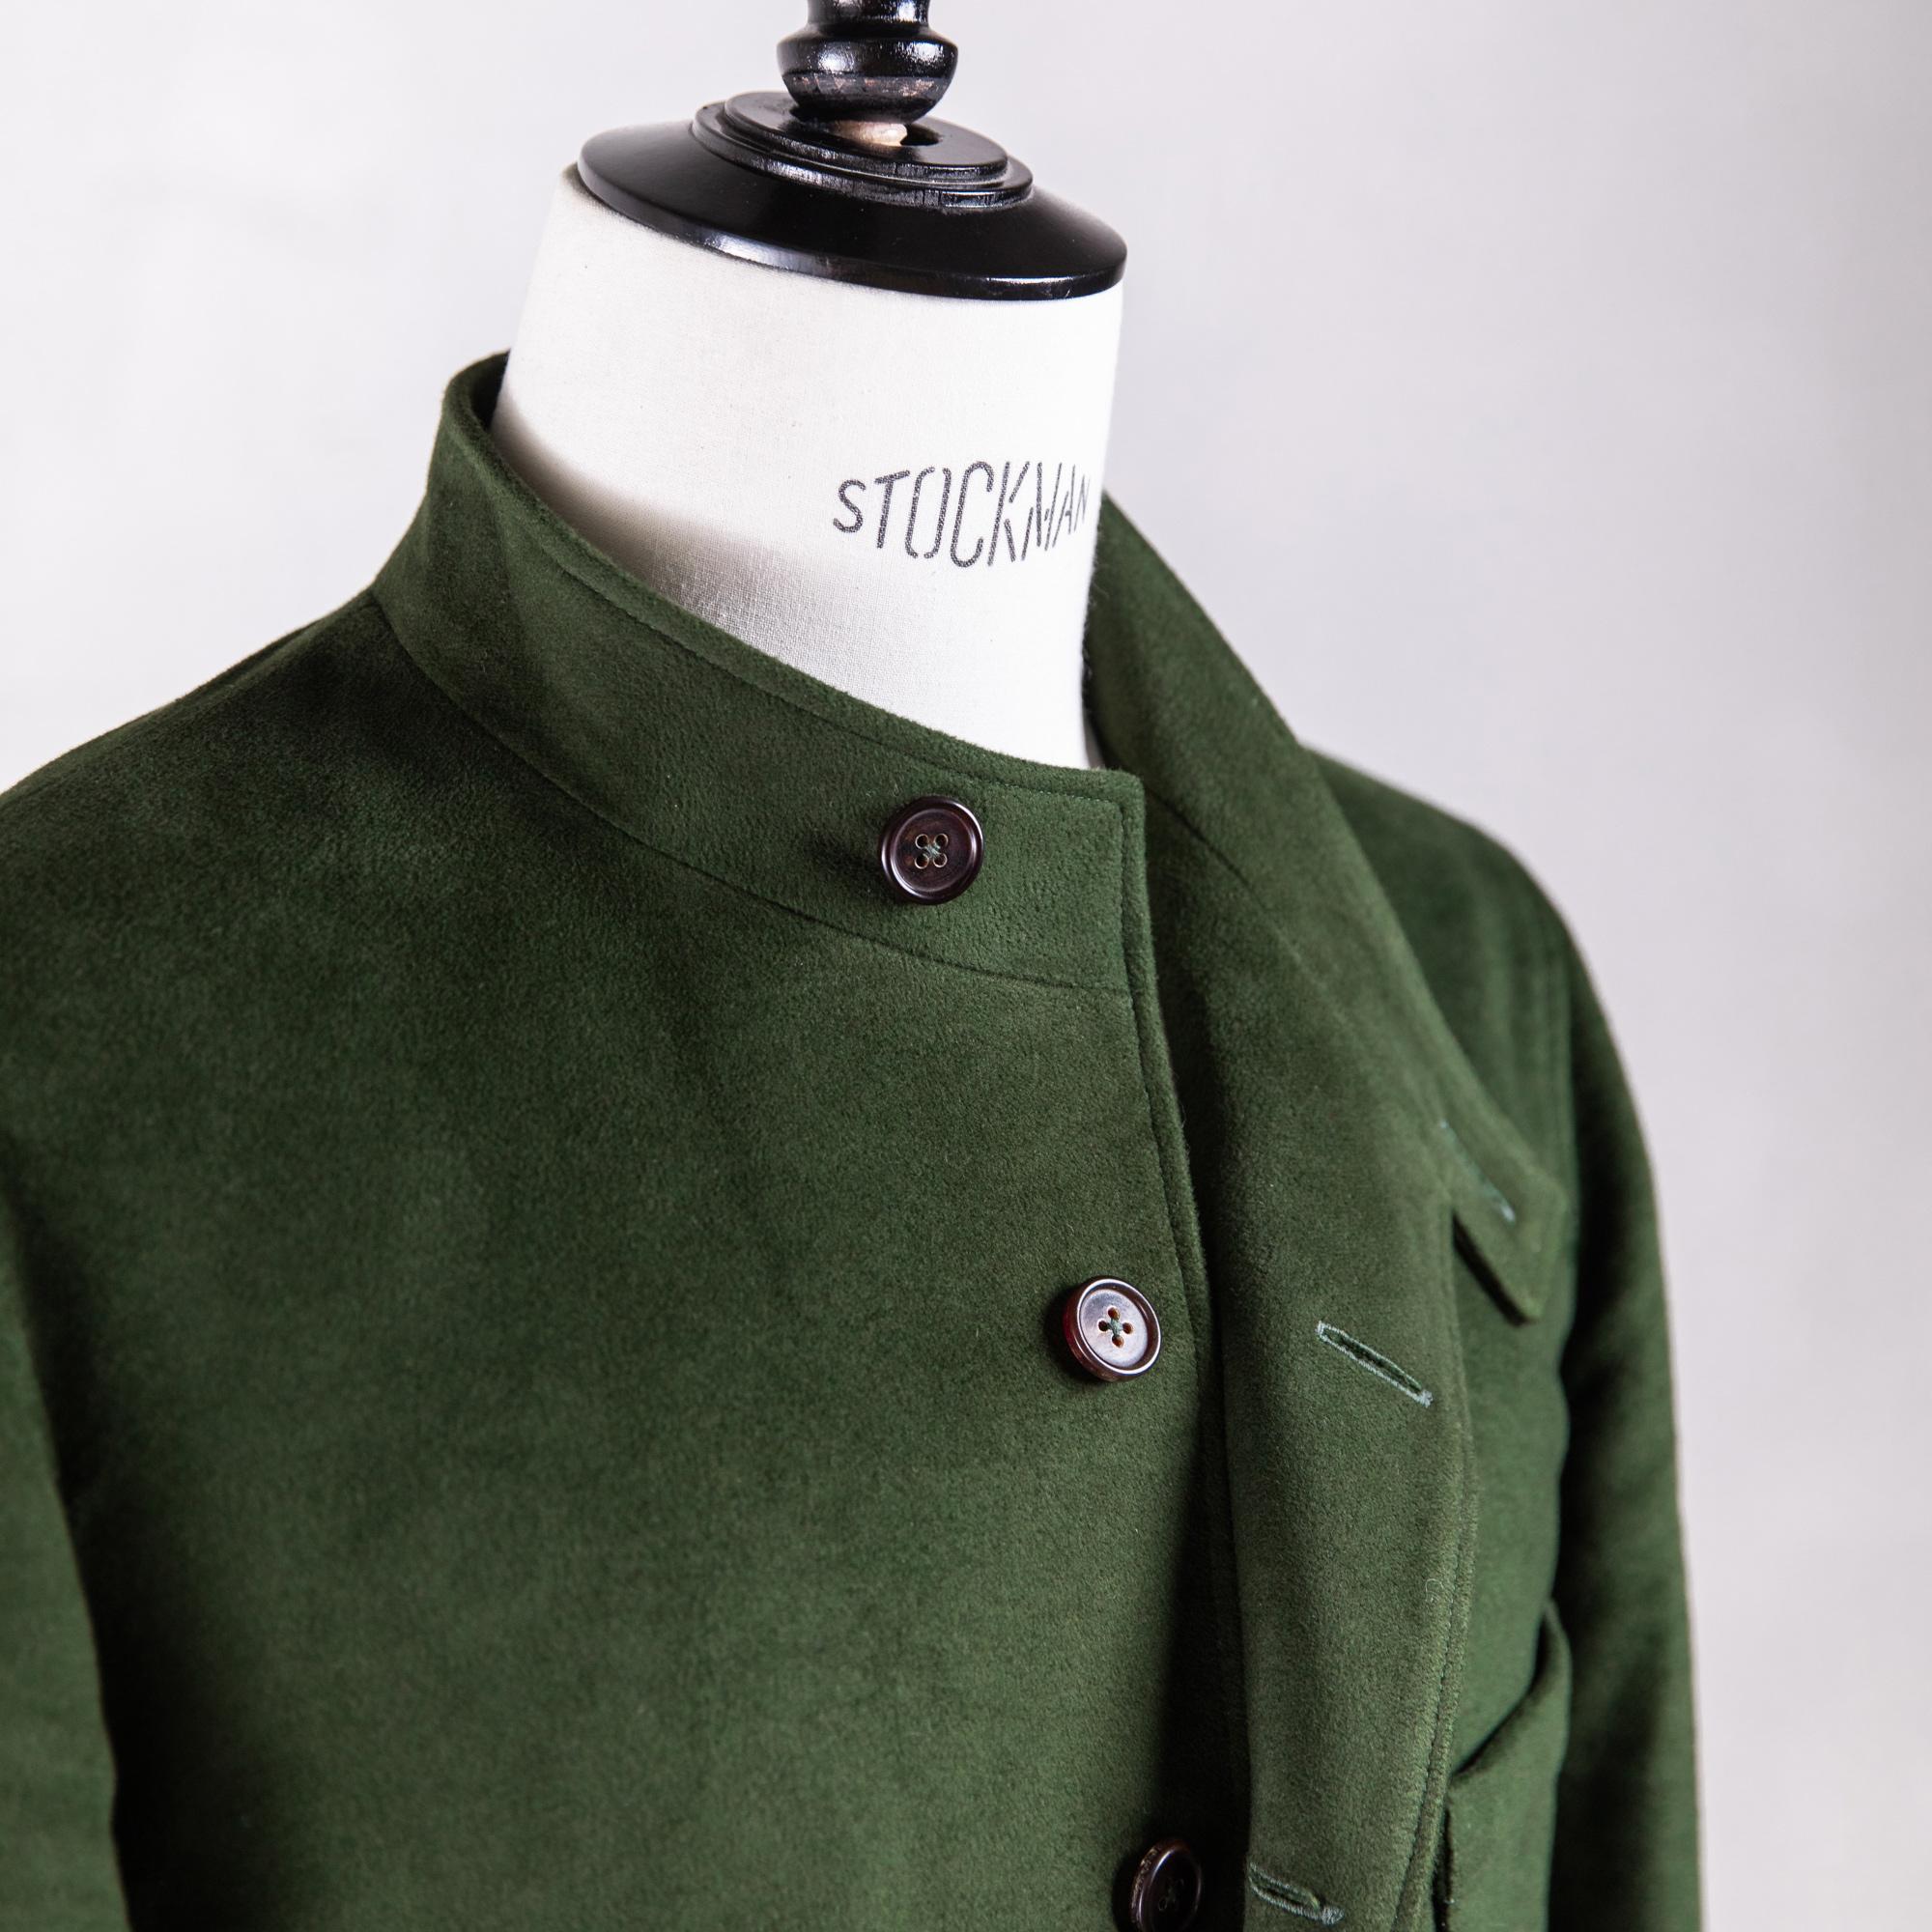 Veste droite pour homme made in France en moleskine vert olive Caminel